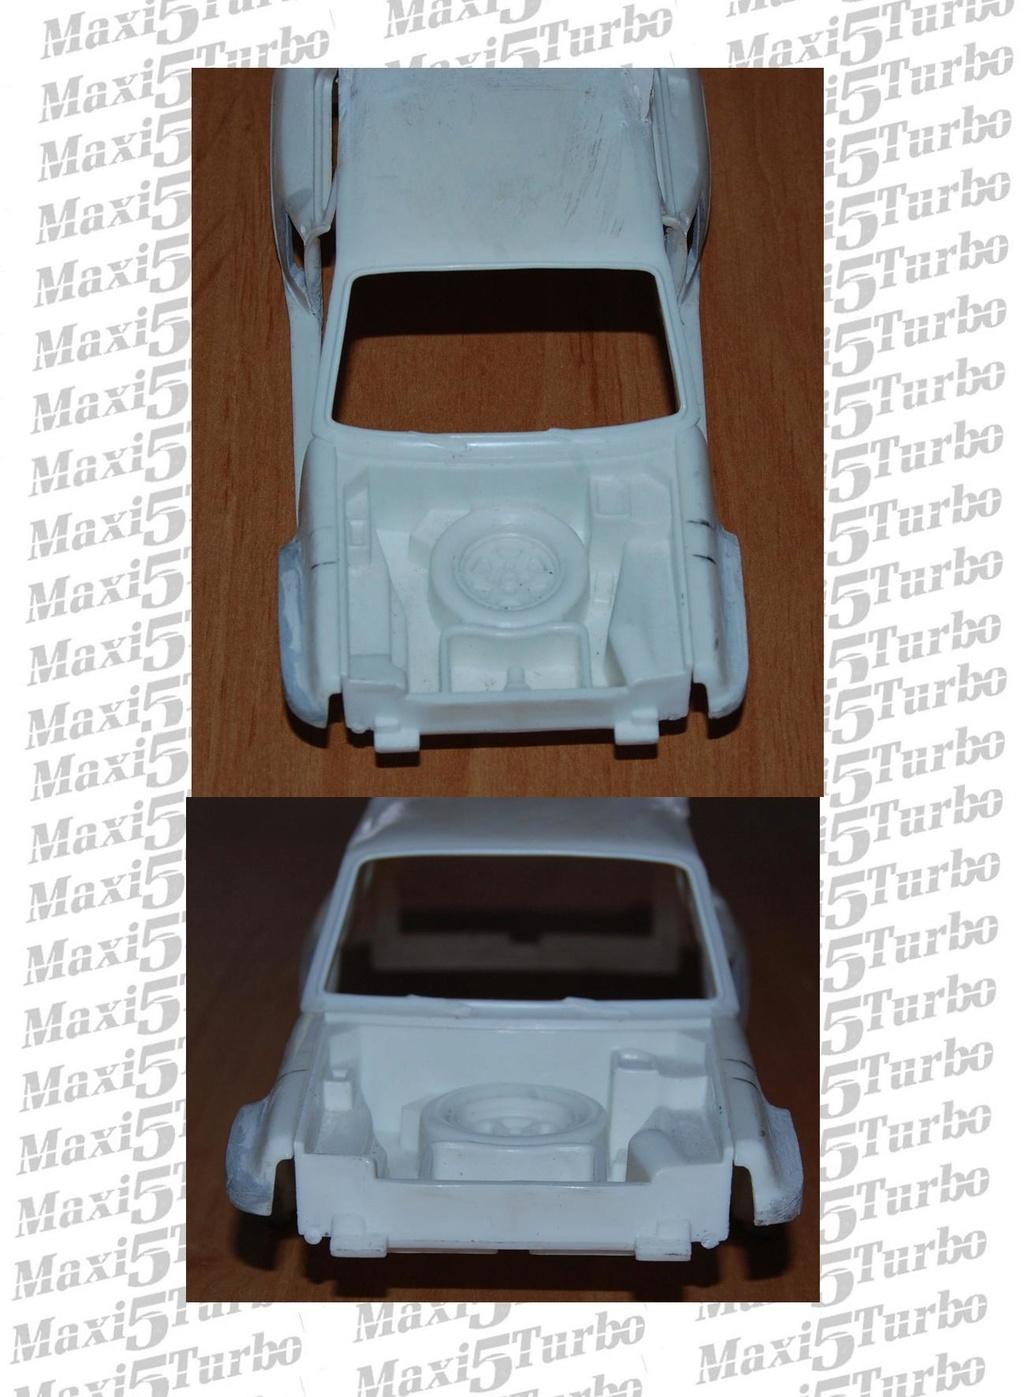 (1/24) Renault 5 Maxi turbo Ref 80717 ( Hors delai ) 1810